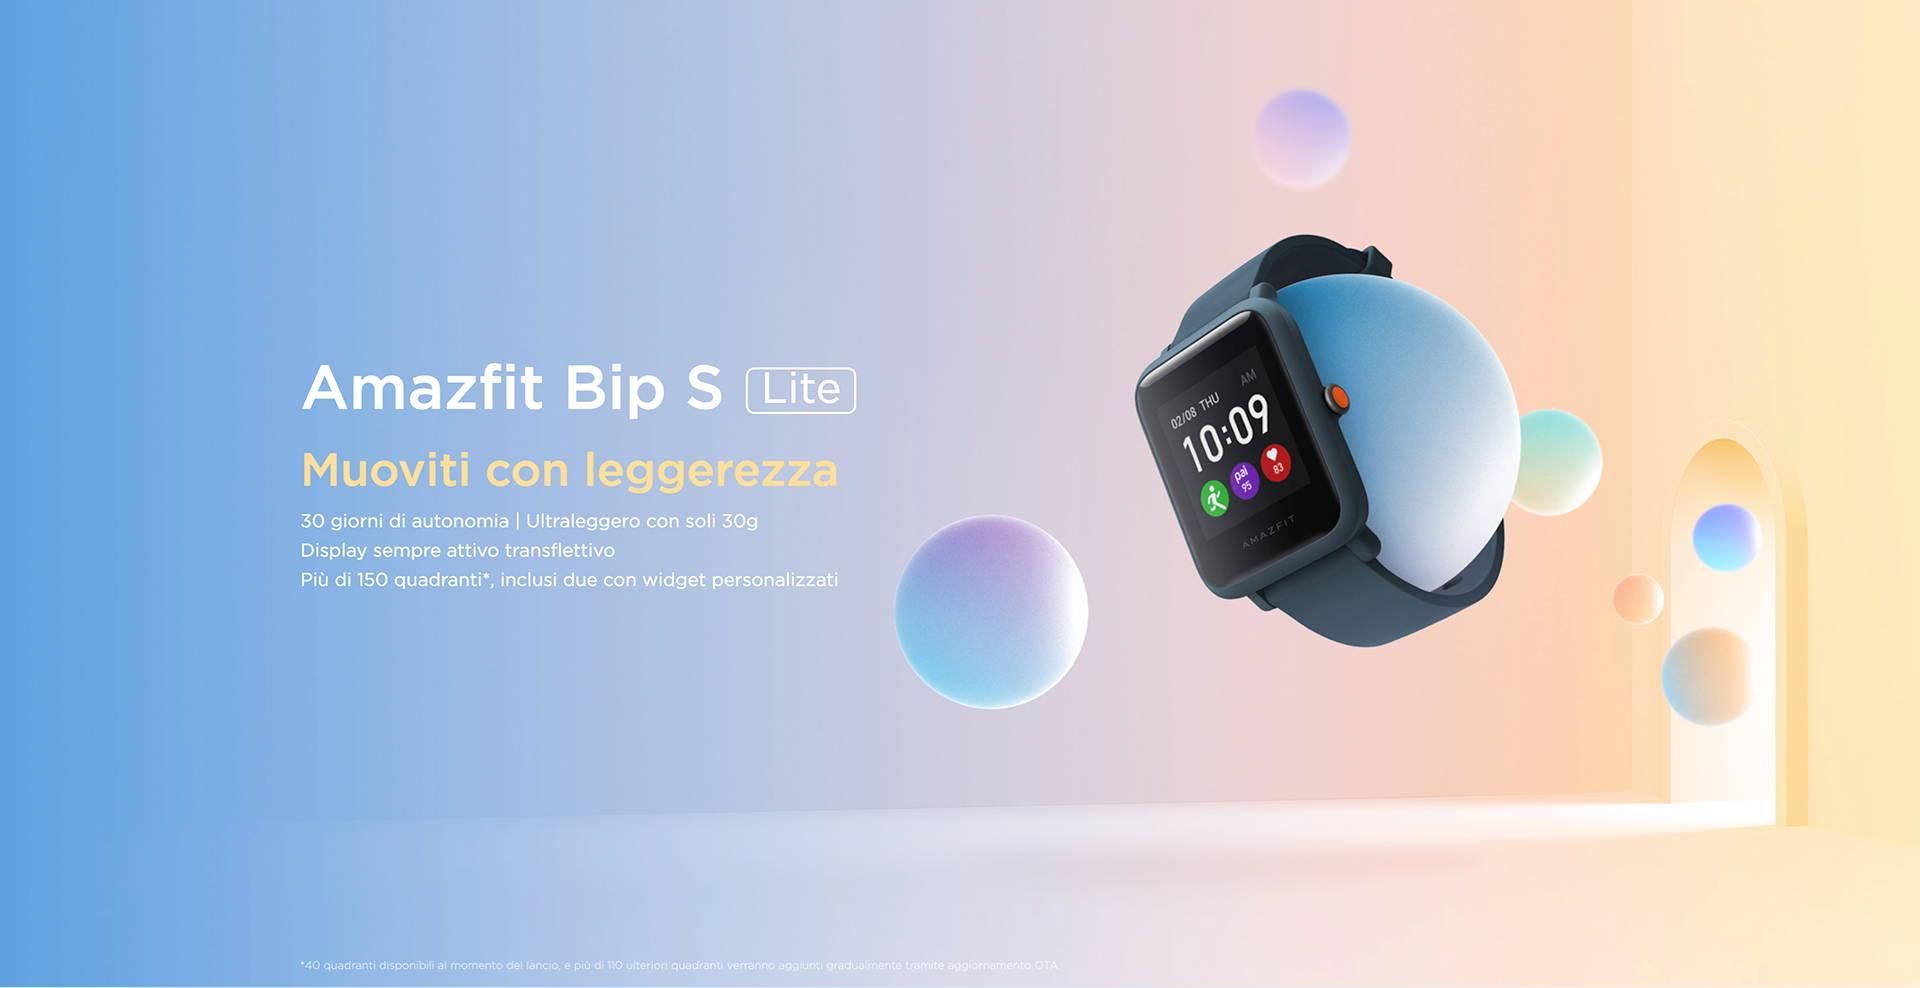 Amazfit IT - Amazfit Bip S Lite - Muoviti con leggerezza | 30 giorni di autonomia | Ultraleggero con soli 30g | Display sempre attivo transflettivo | Più di 150 quadranti, inclusi due con widget personalizzati